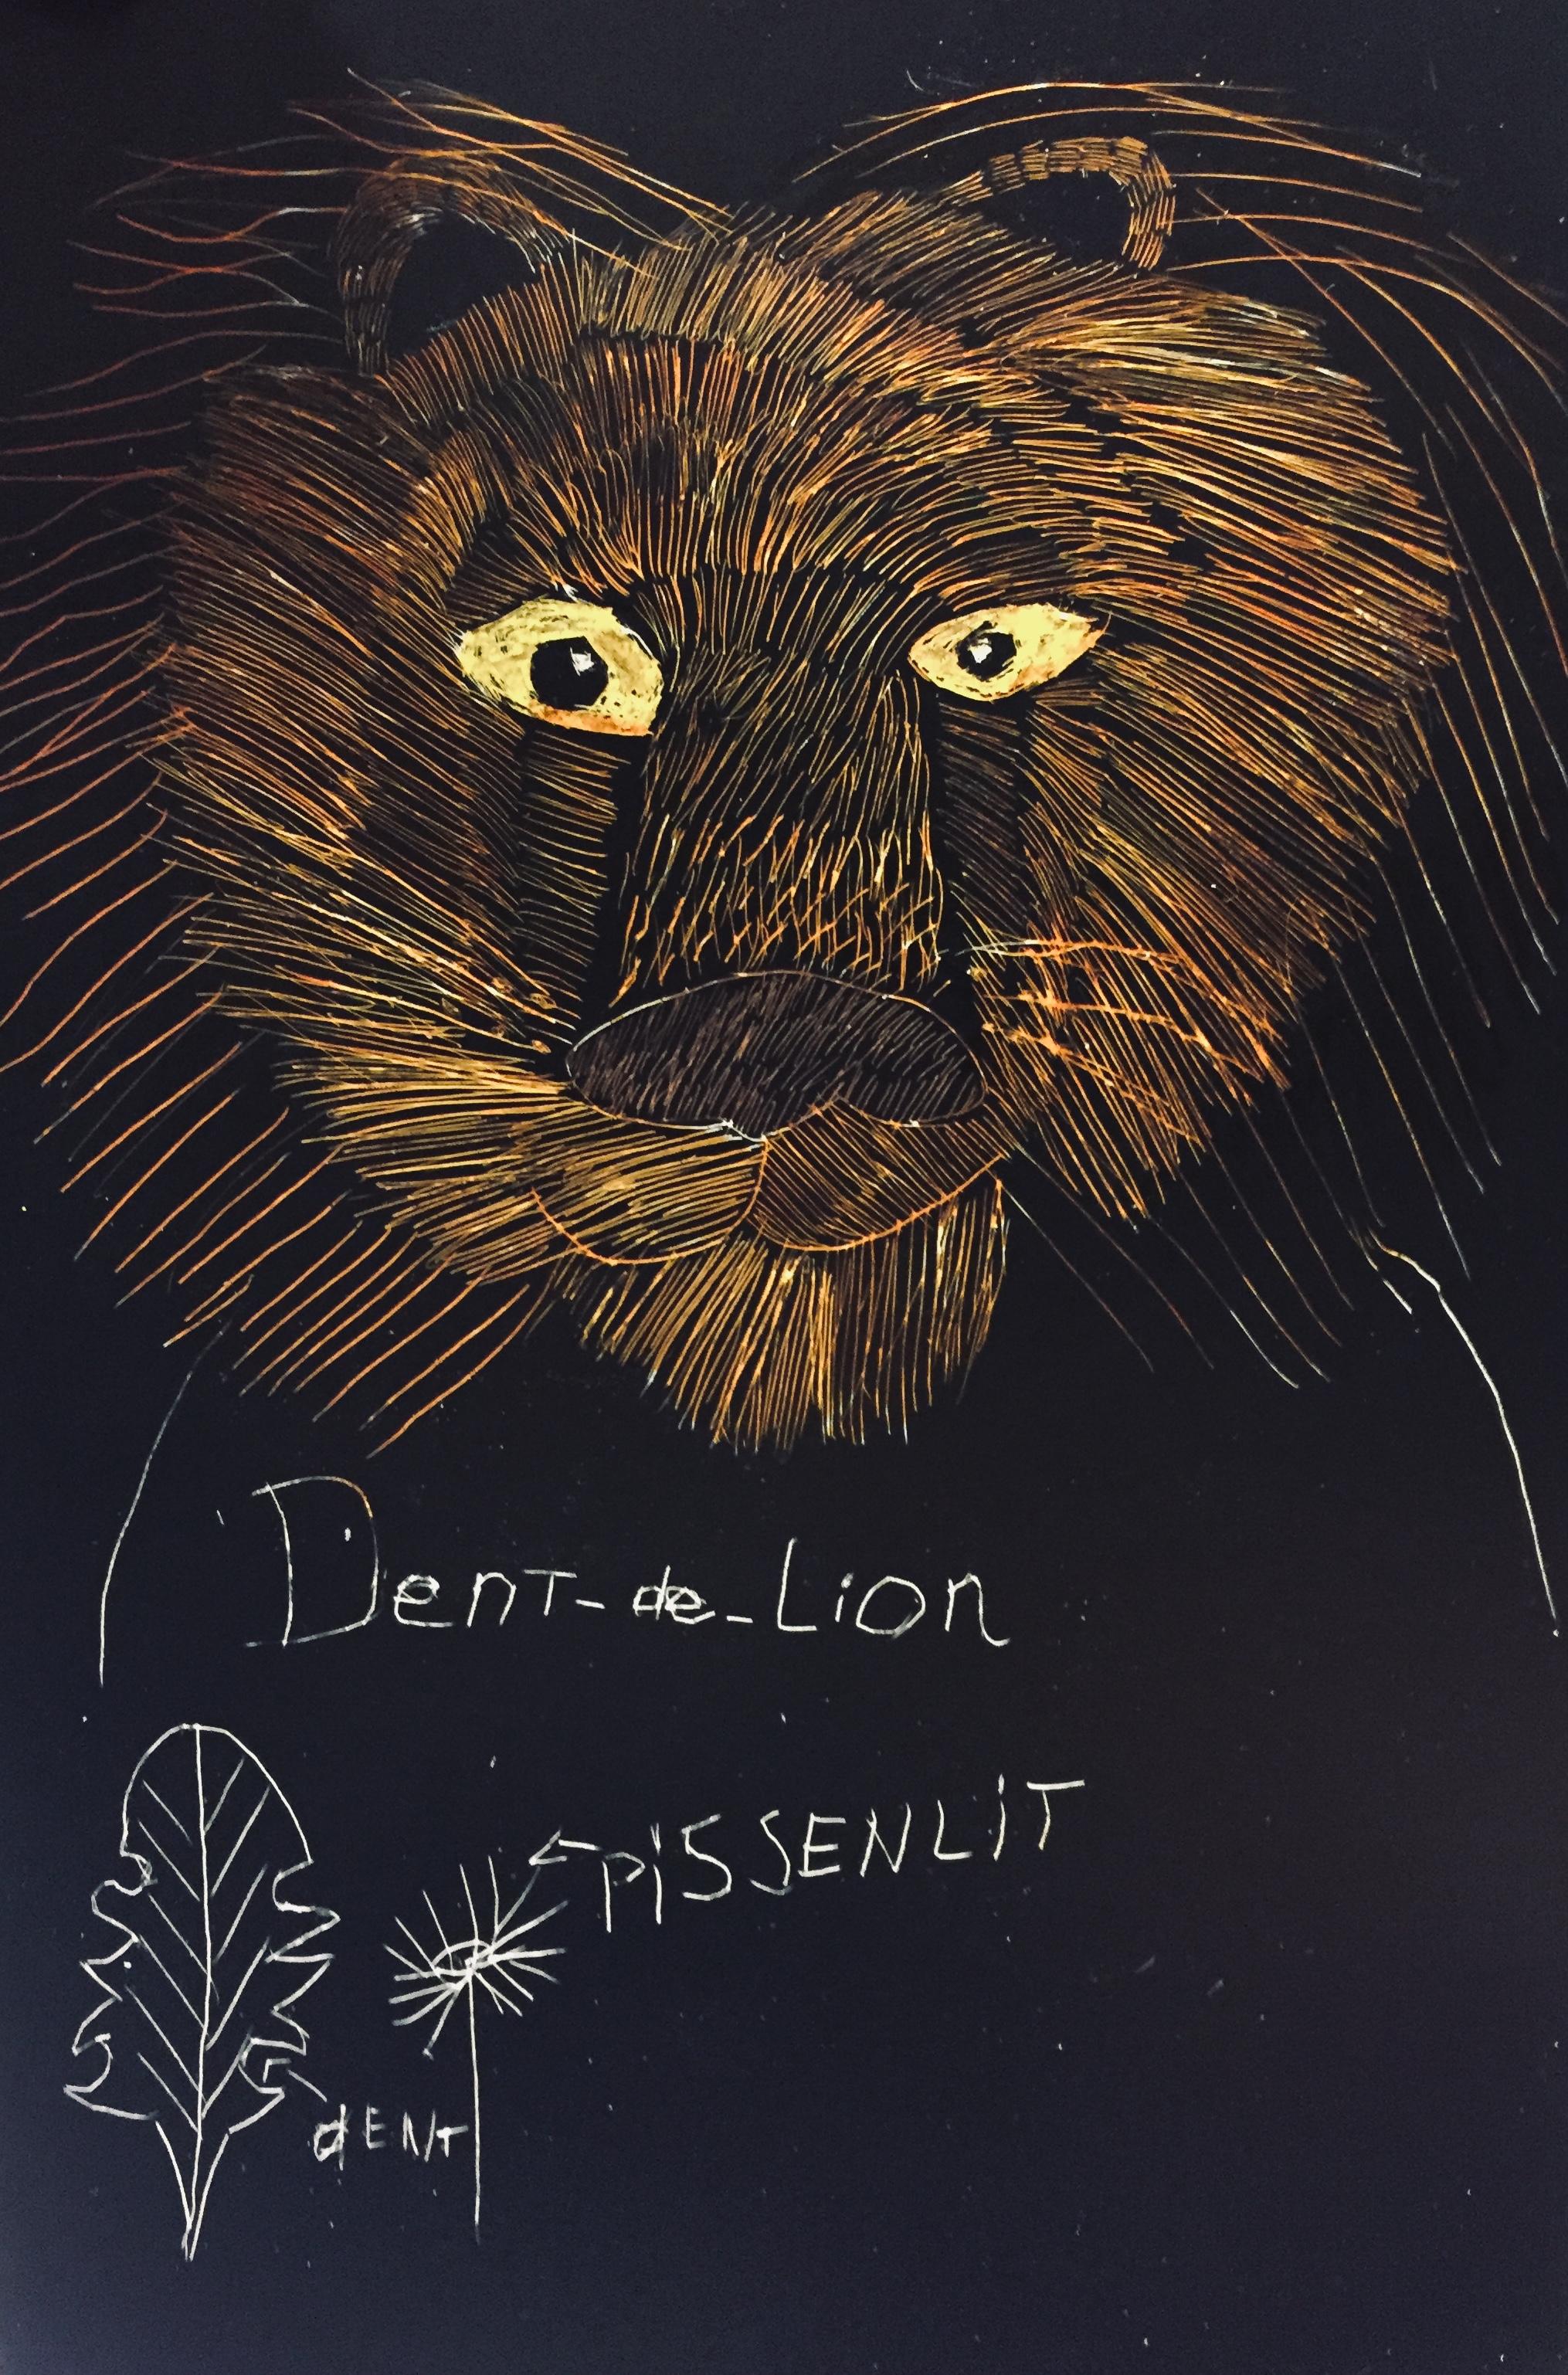 Association texte et image dent de lion